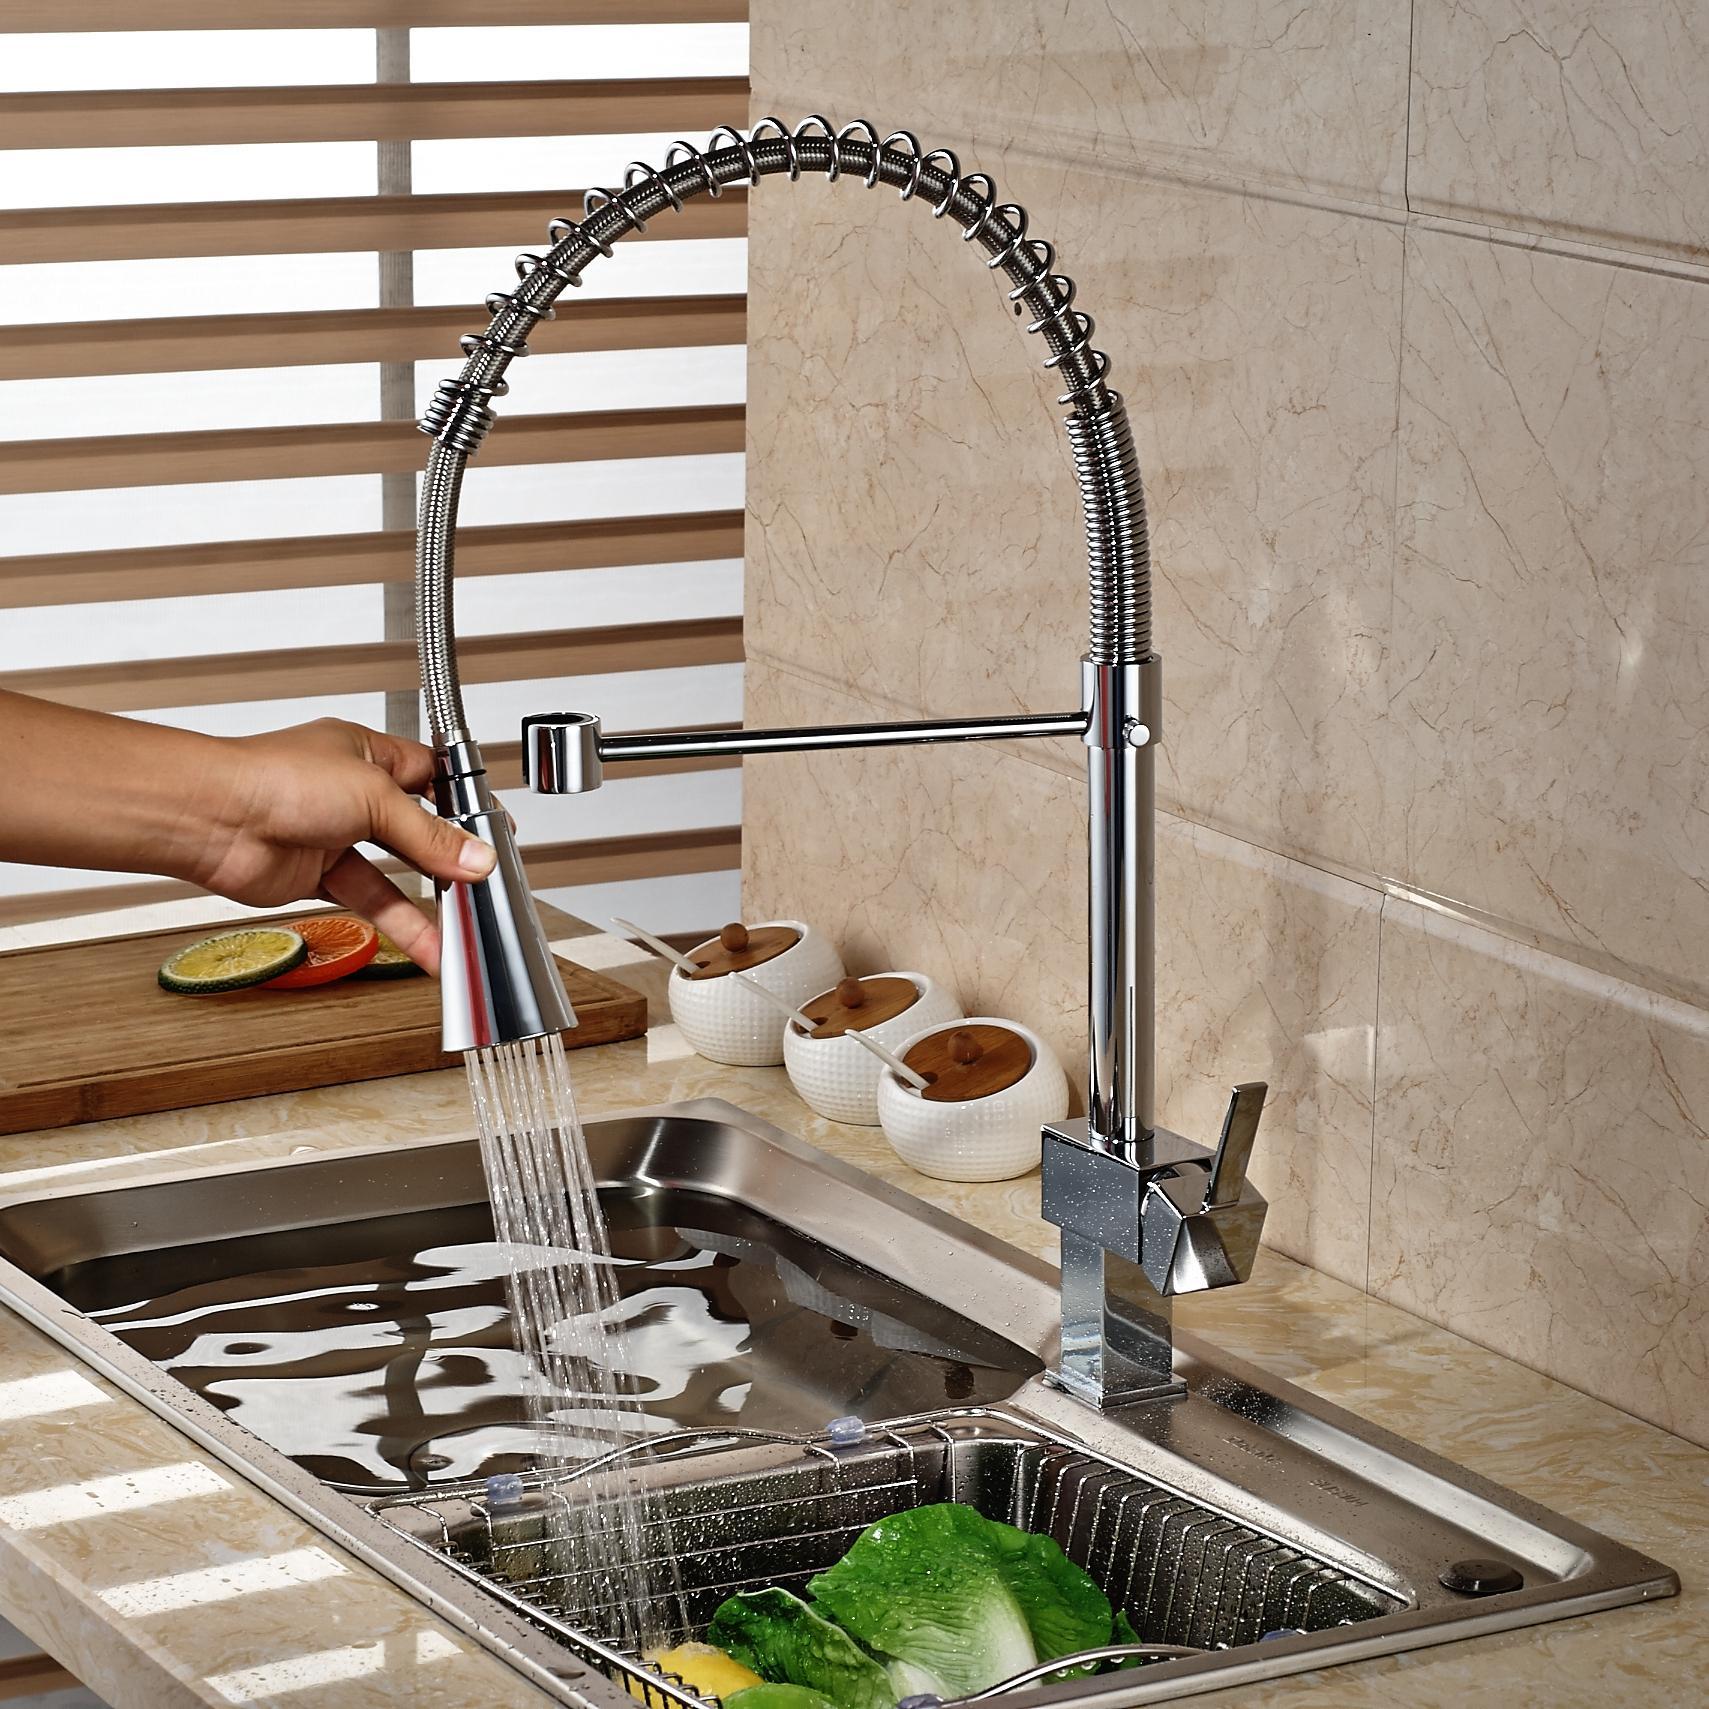 Rubinetto monocomando da cucina moderno in ottone cromato Rubinetto per lavabo monocomando Rubinetto monocomando con foro per acqua calda e fredda